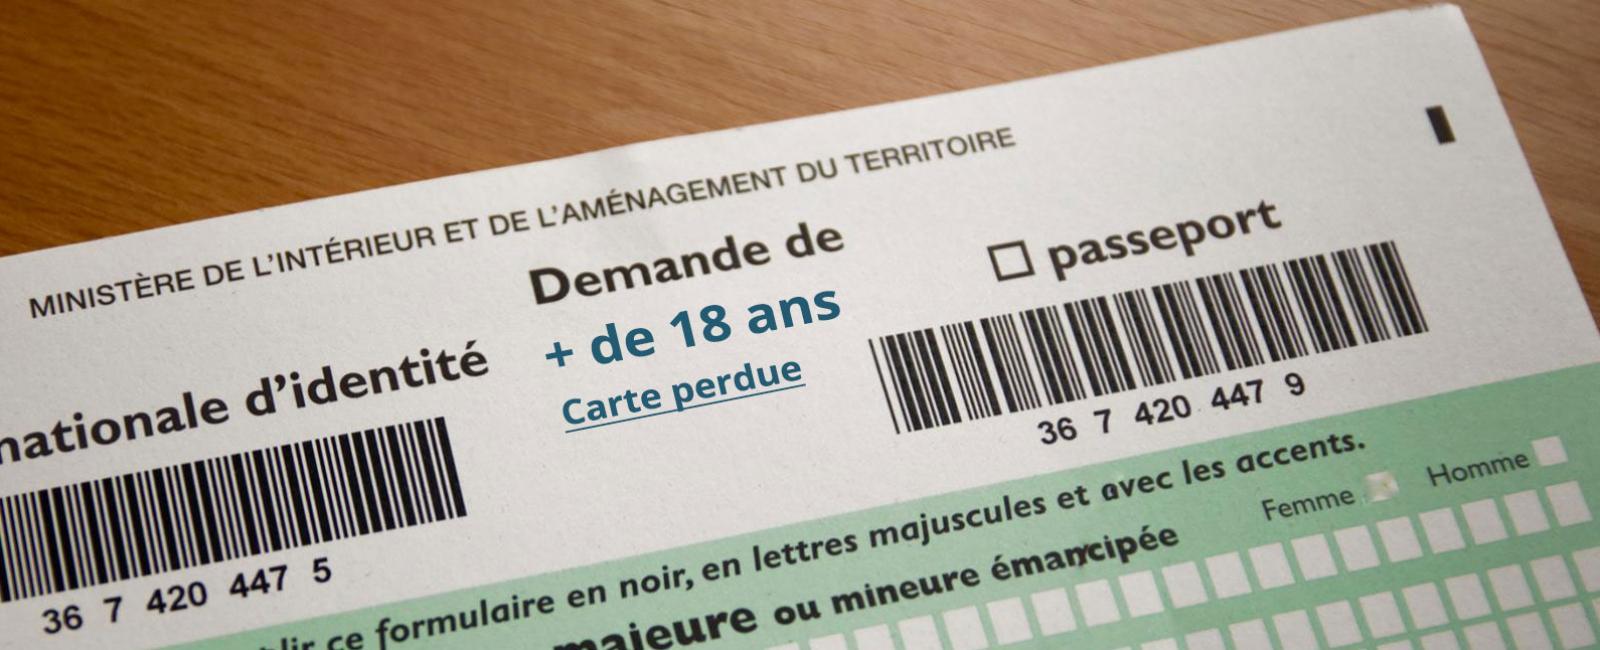 Carte Nationale D Identite D Un Majeur Carte Perdue Ville Du